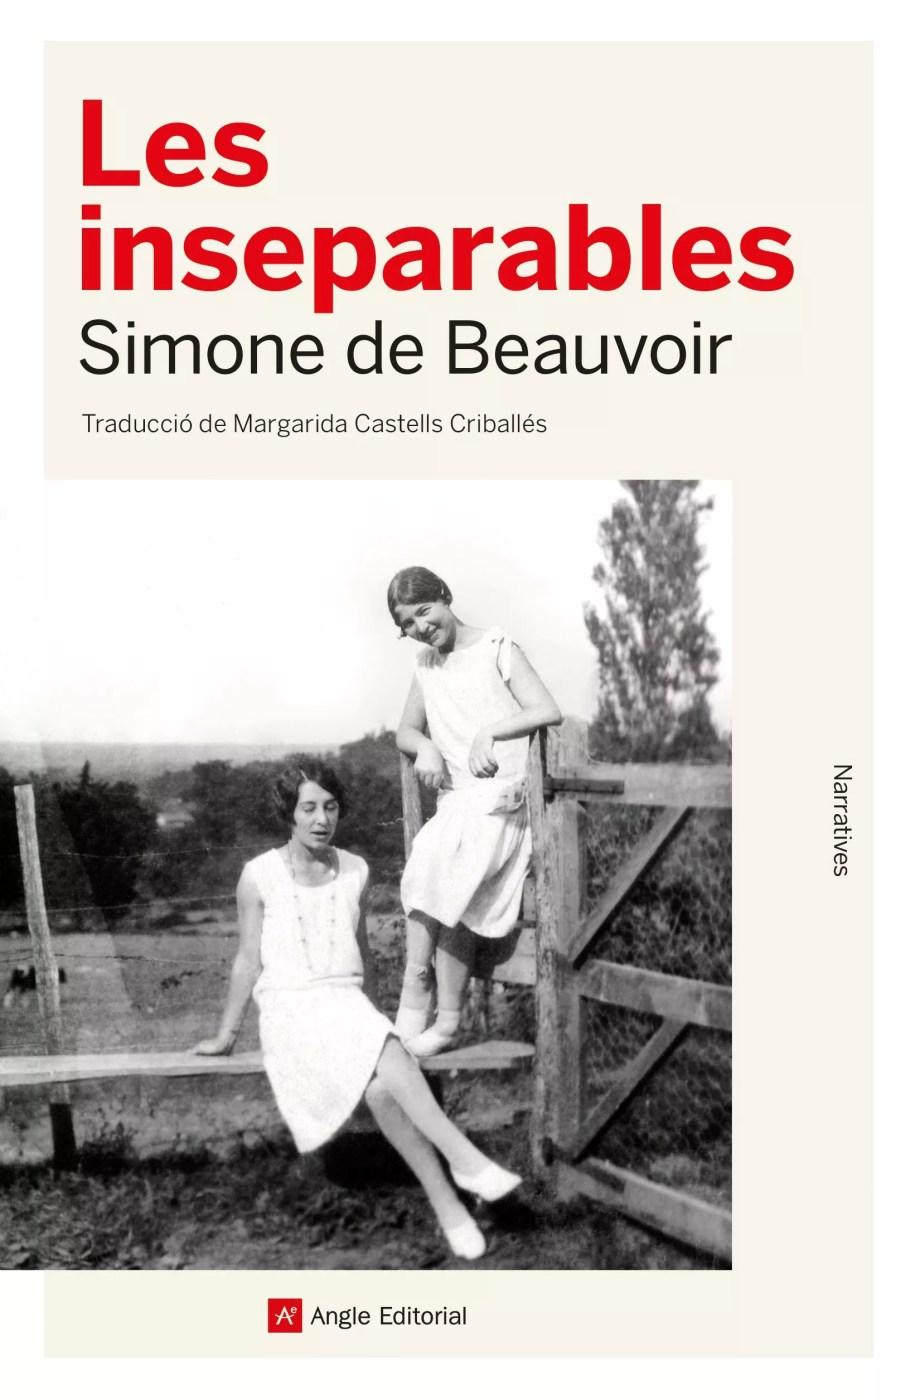 les inseparables simone de beauvoir traducció català angle editorial